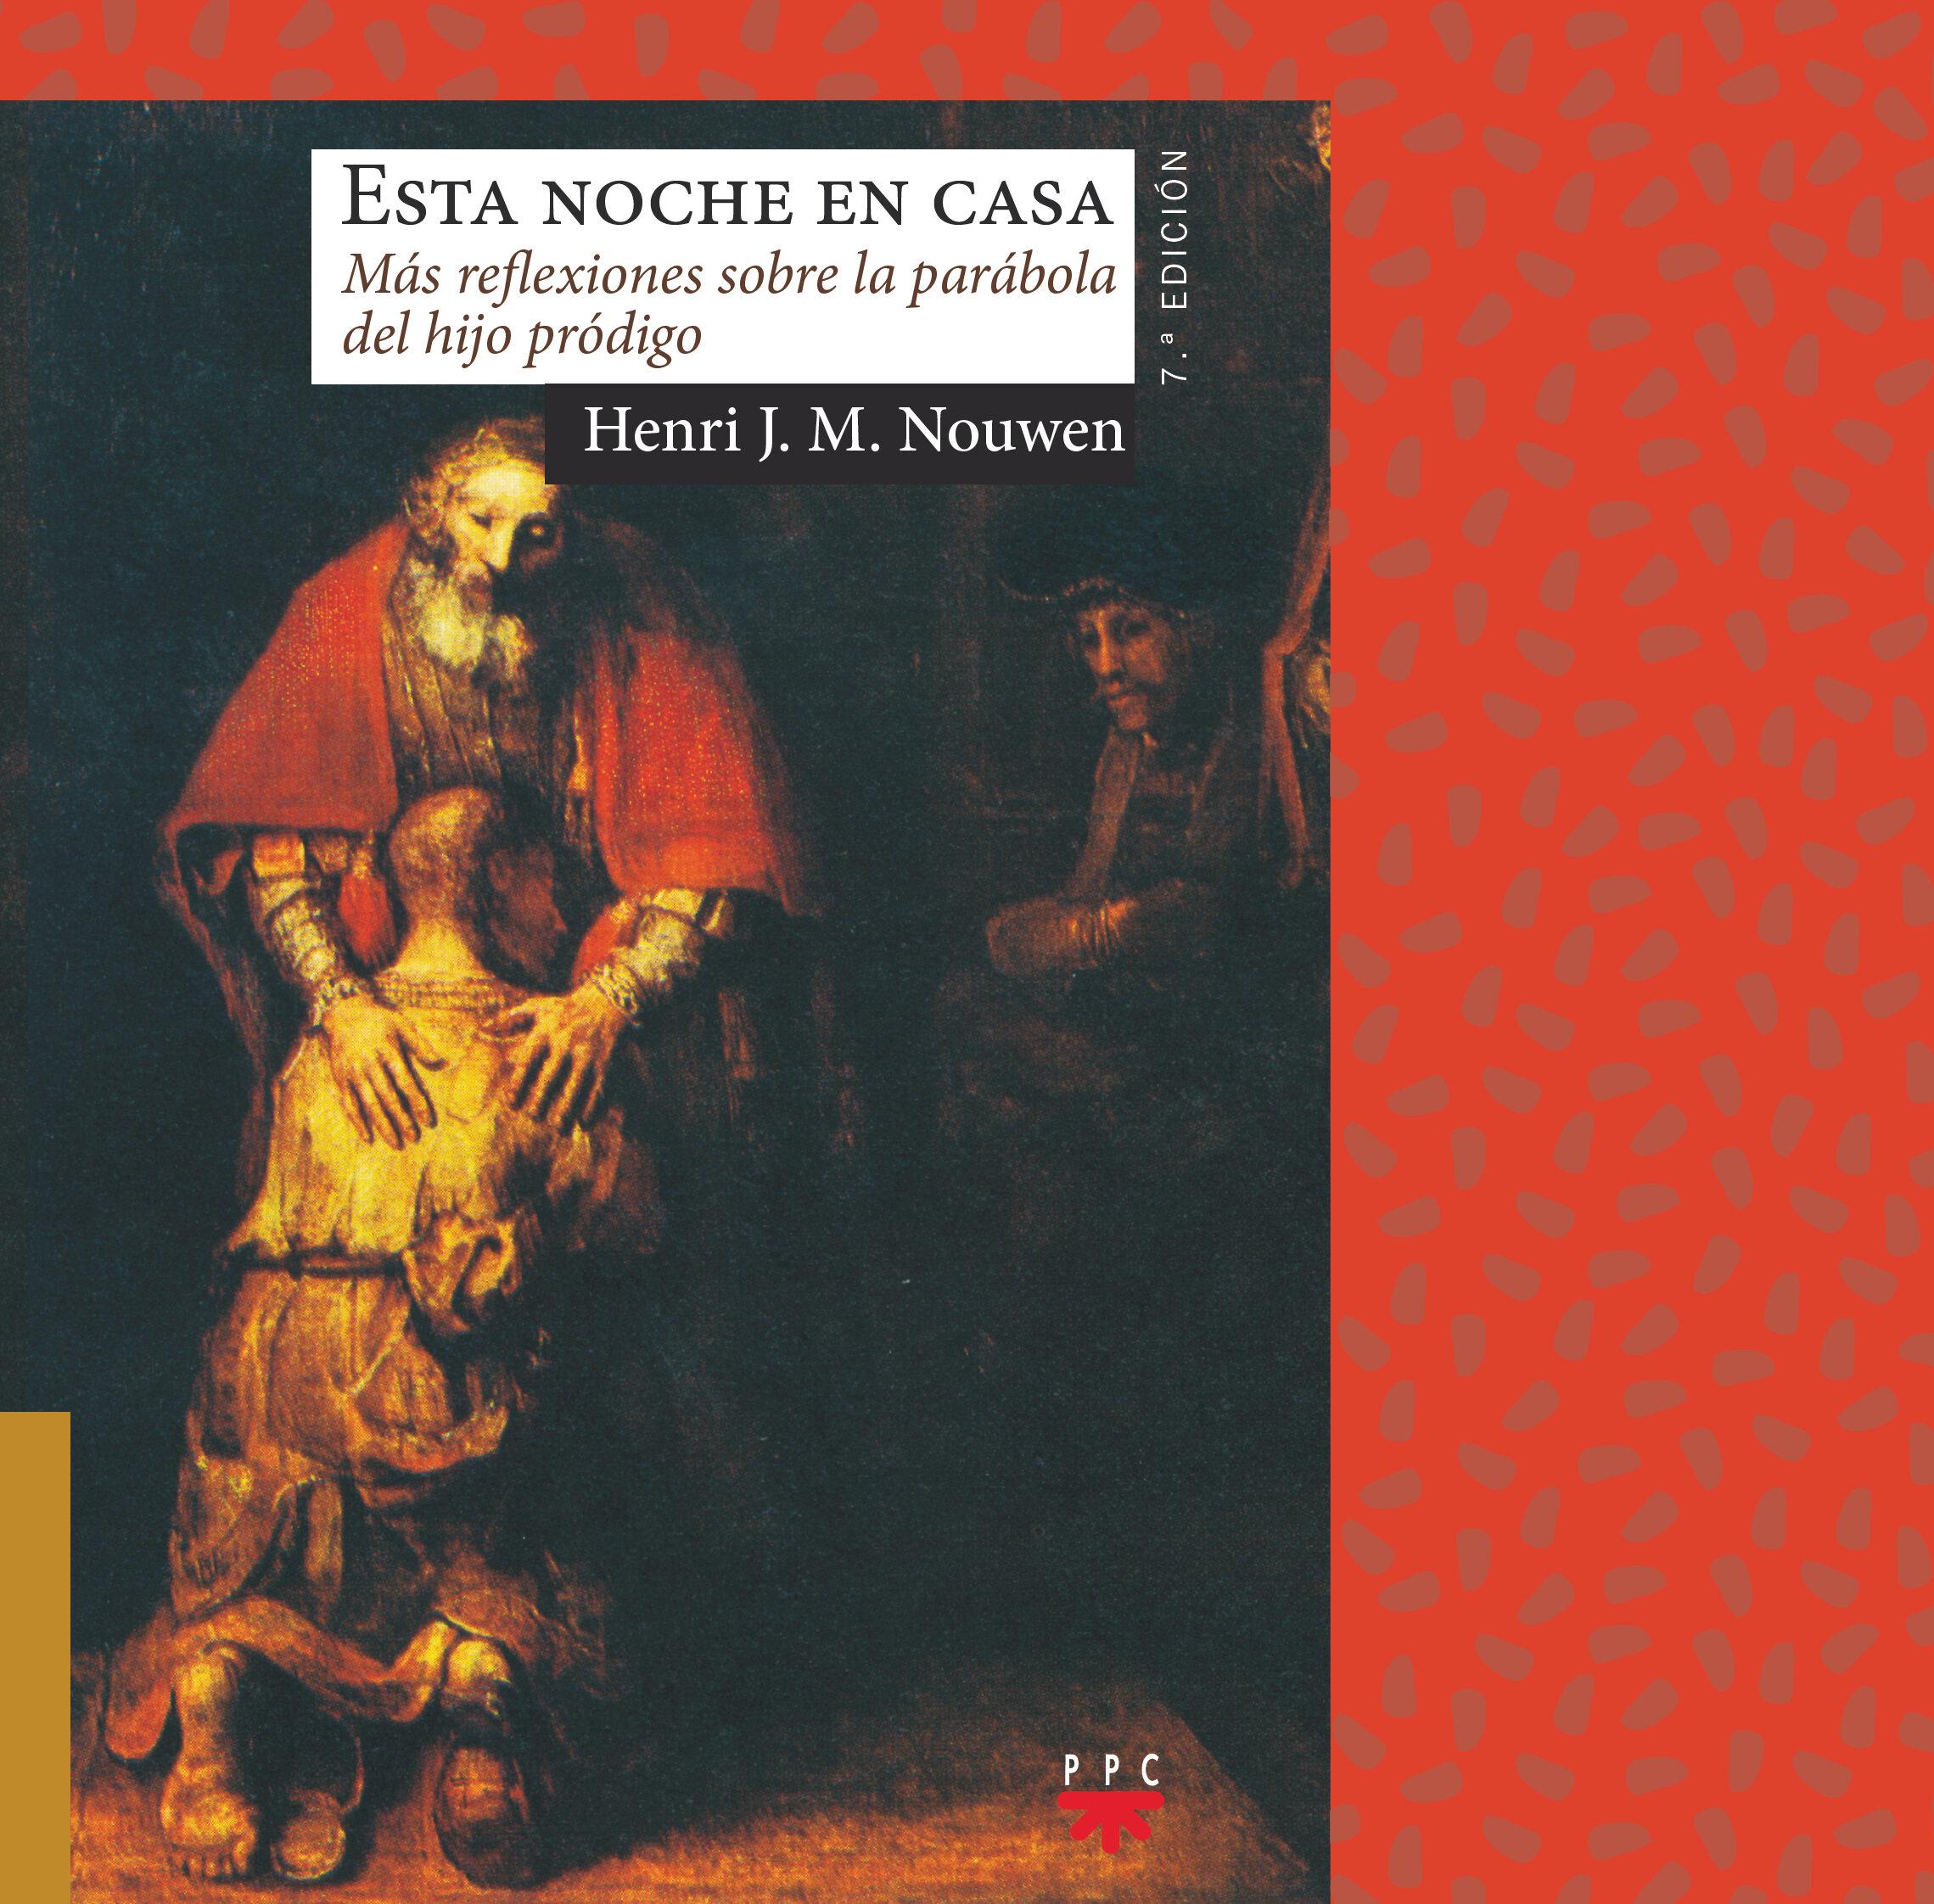 esta noche en casa: mas reflexiones sobre la parabola del hijo pr odigo-henri j. m. nouwen-9788428821964